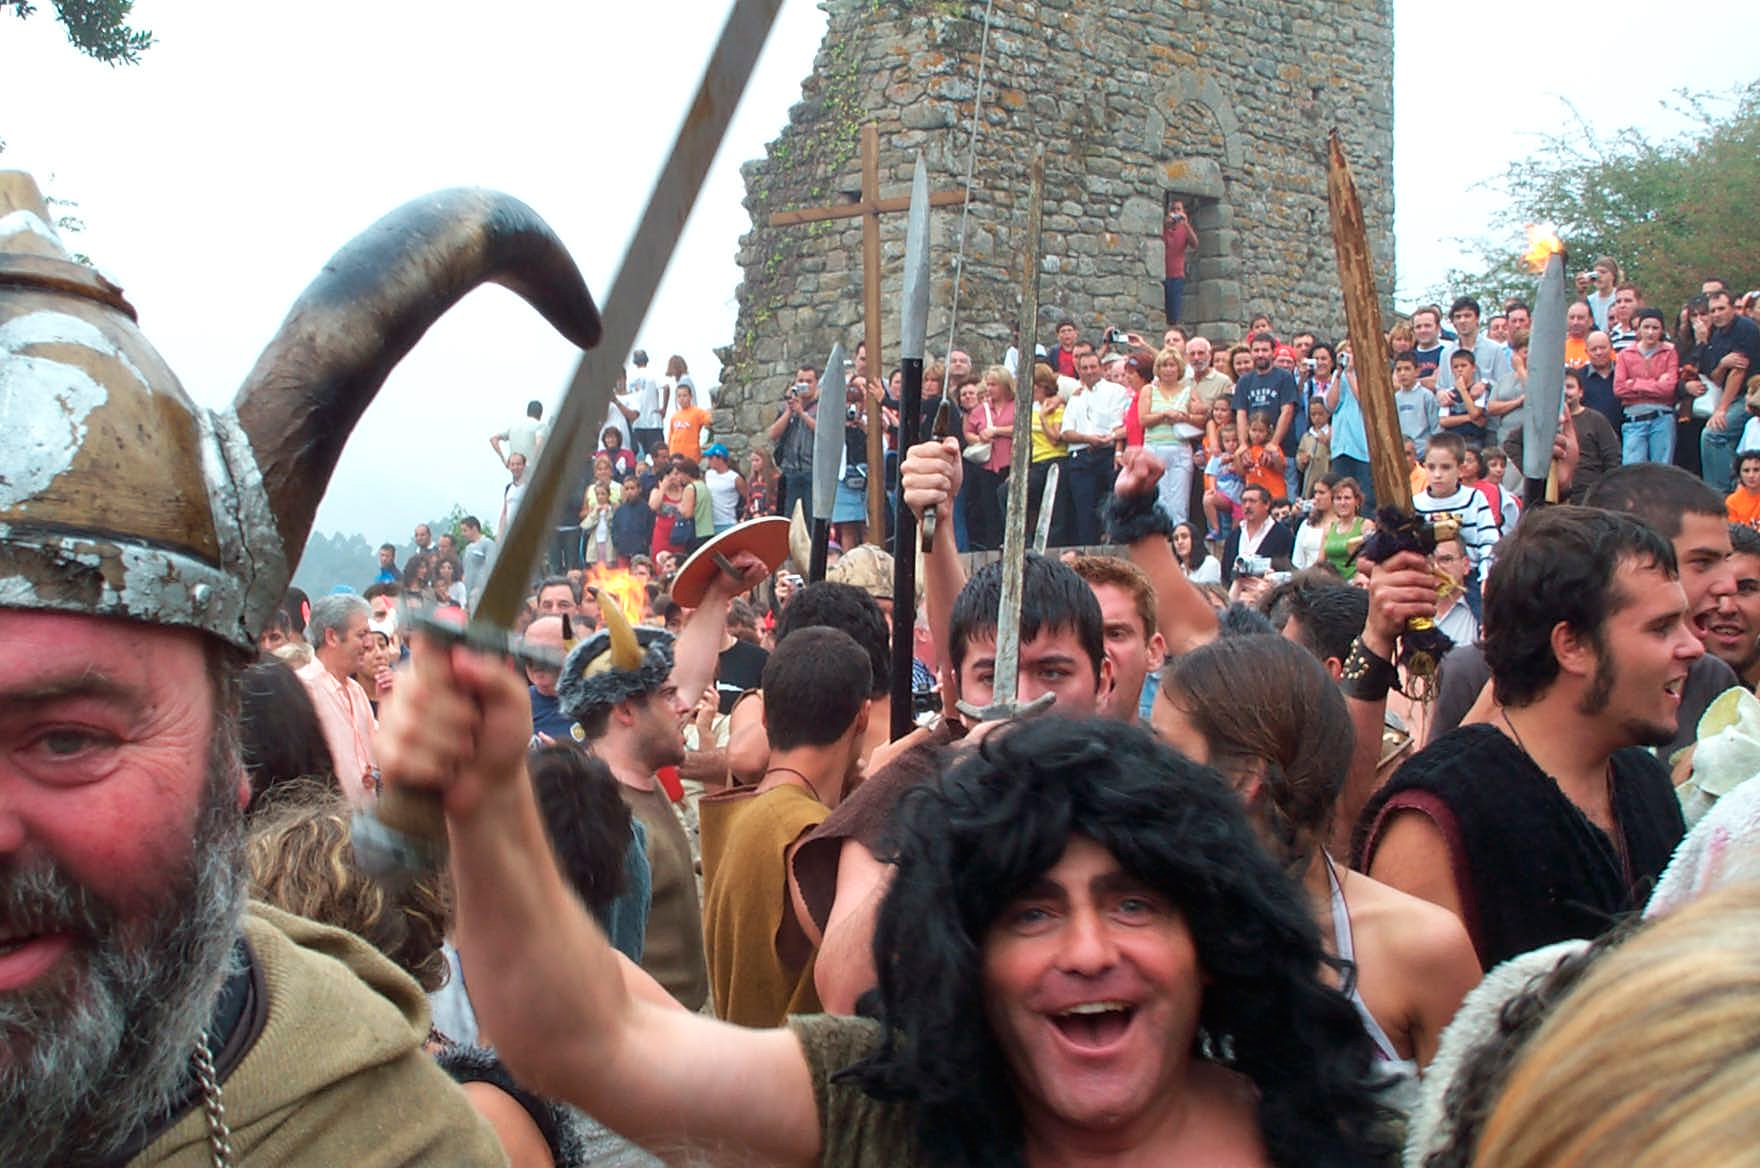 As celebracións declaradas de interese turístico achegan unha imaxe do país non sempre achegada á realidade